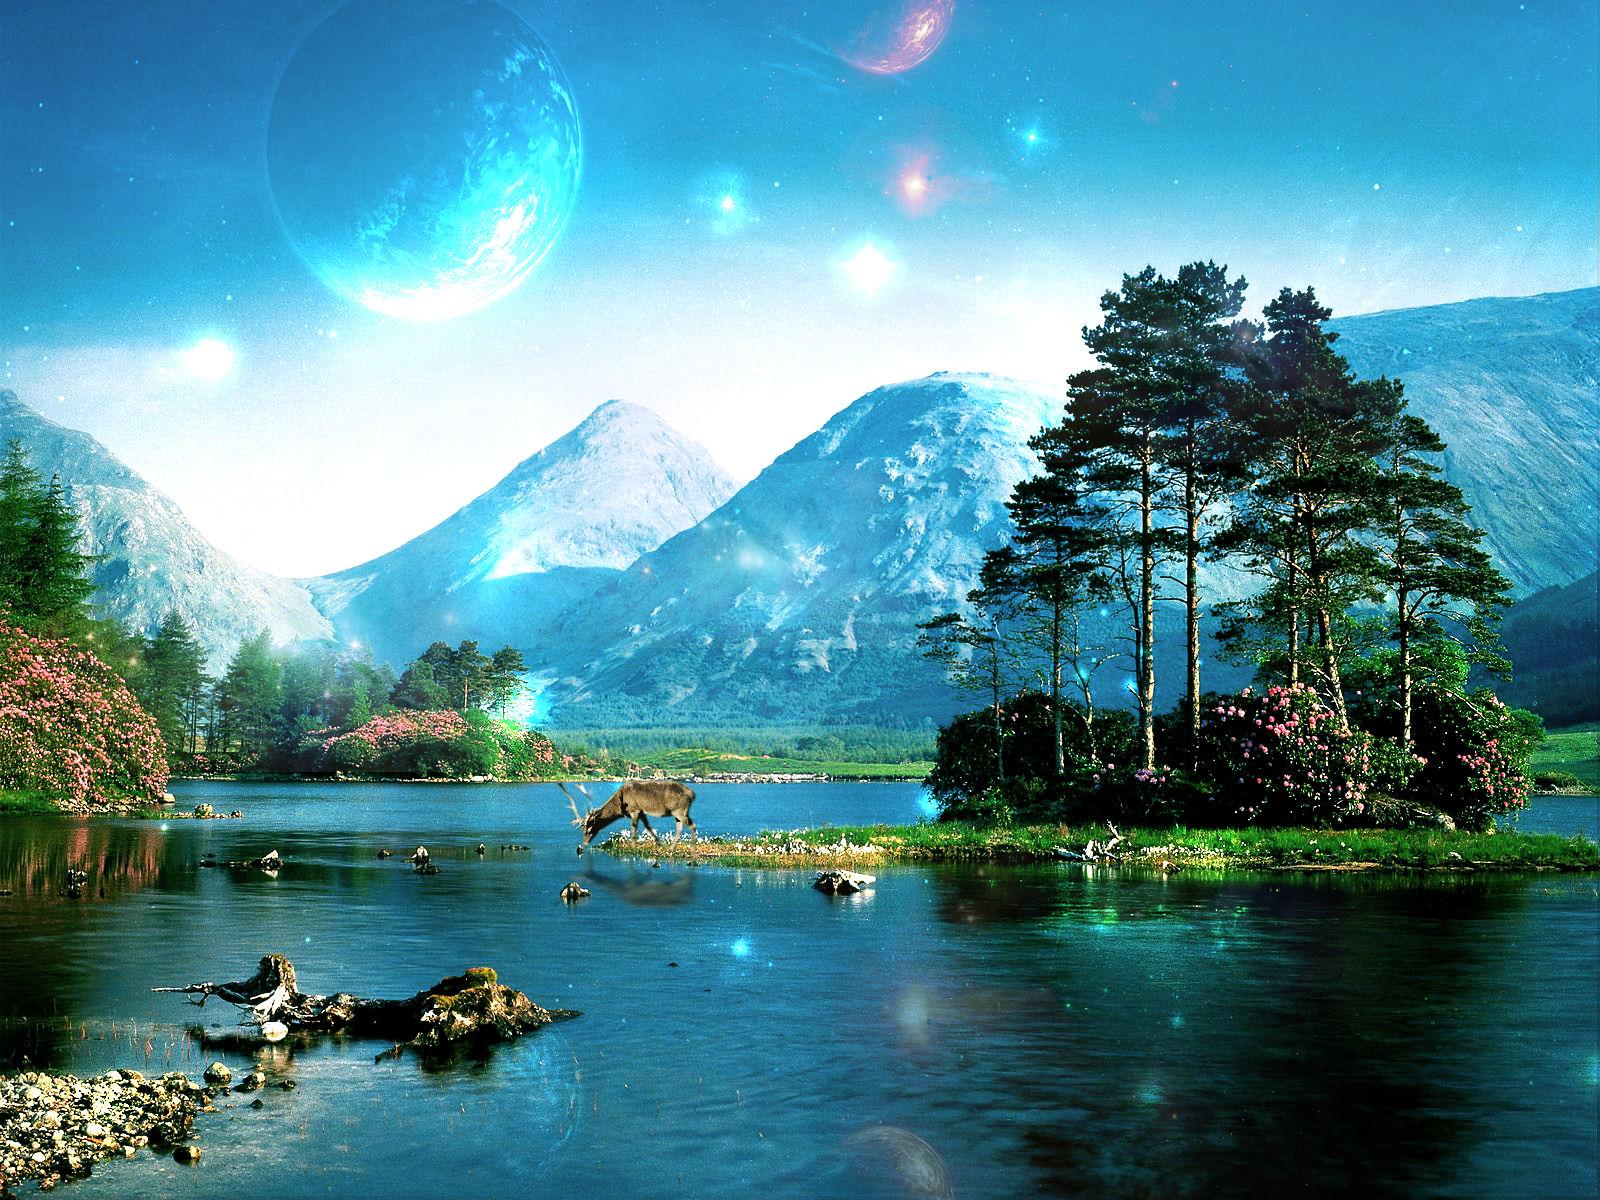 beautifulplacebyescorpiotr.jpg